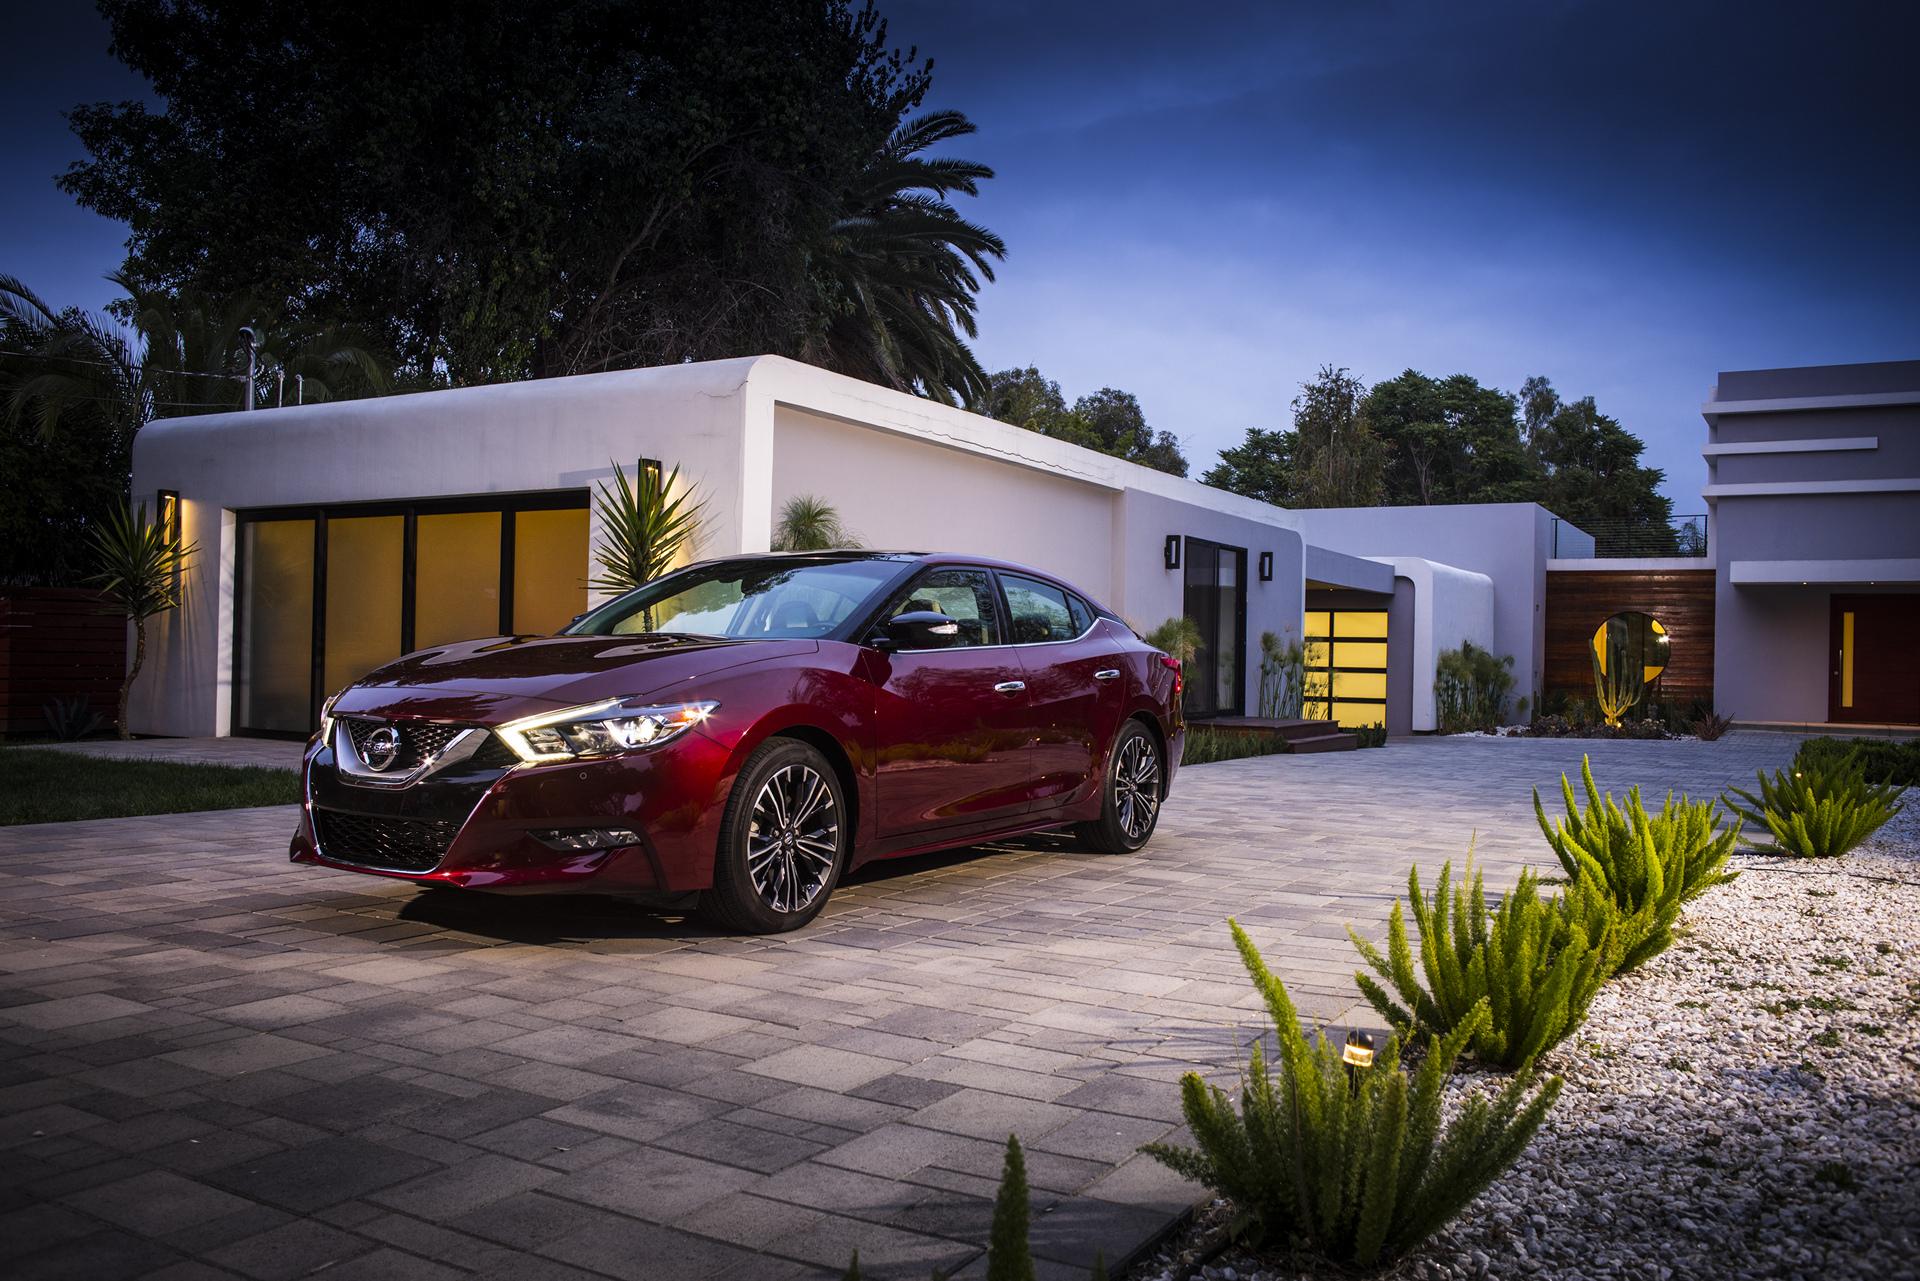 2016 nissan maxima review carrrs auto portal. Black Bedroom Furniture Sets. Home Design Ideas